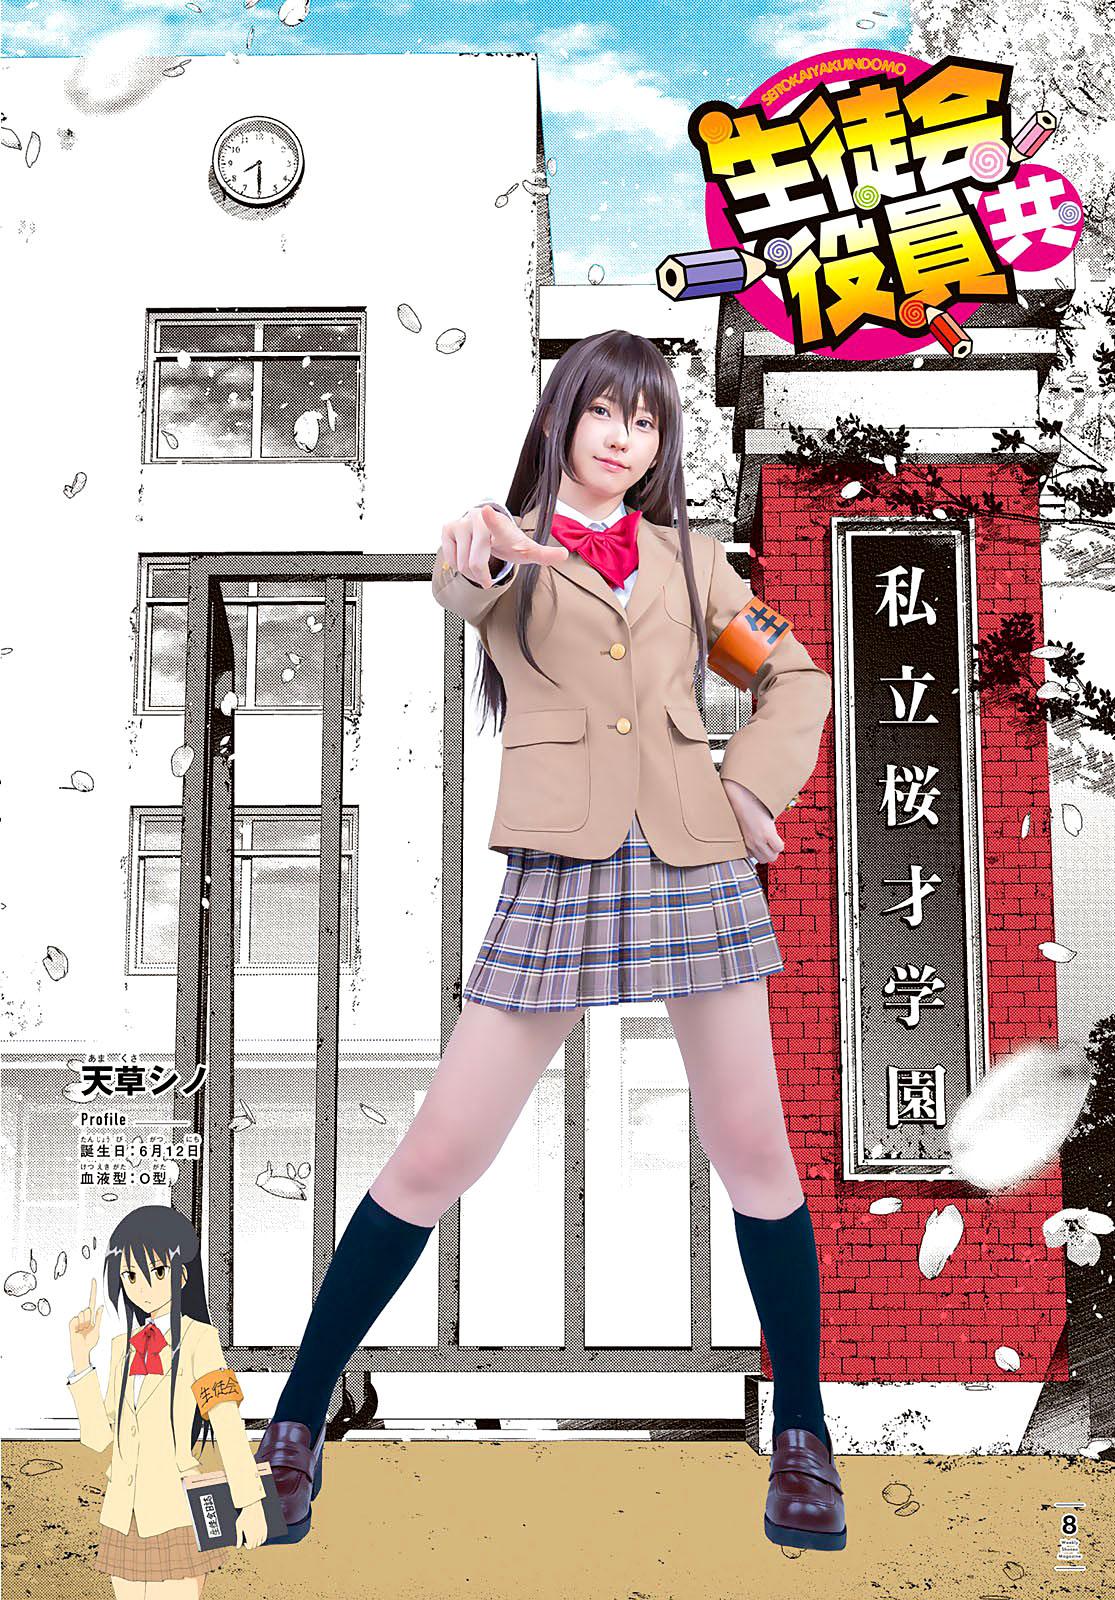 Enako Shonen Magazine 210630 09.jpg